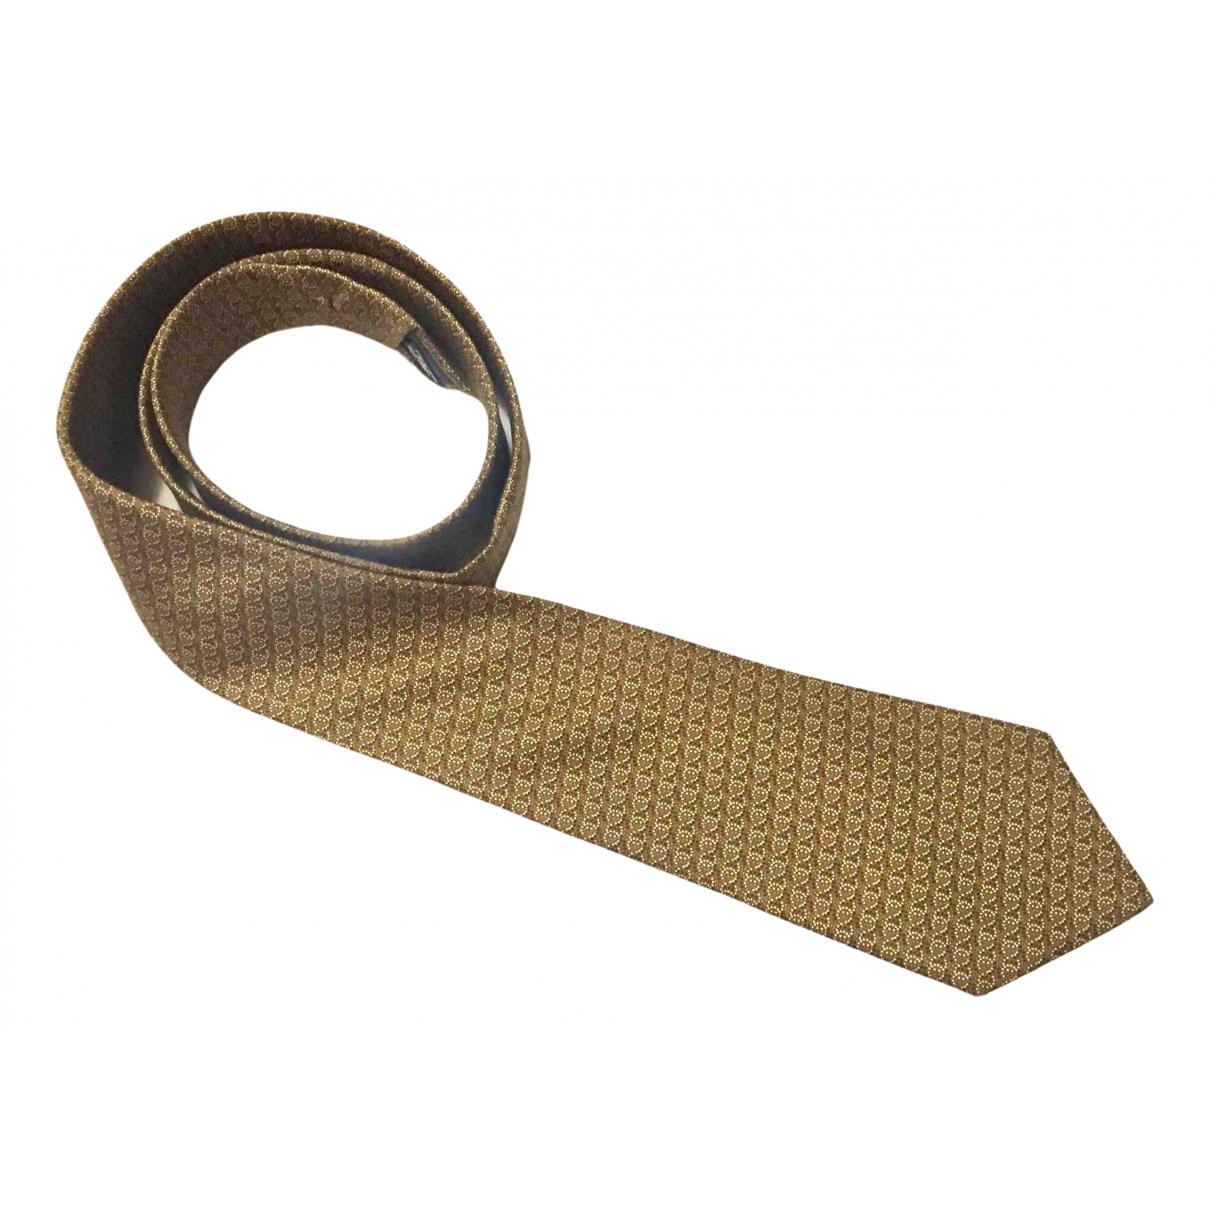 Chanel \N Krawatten in  Braun Seide